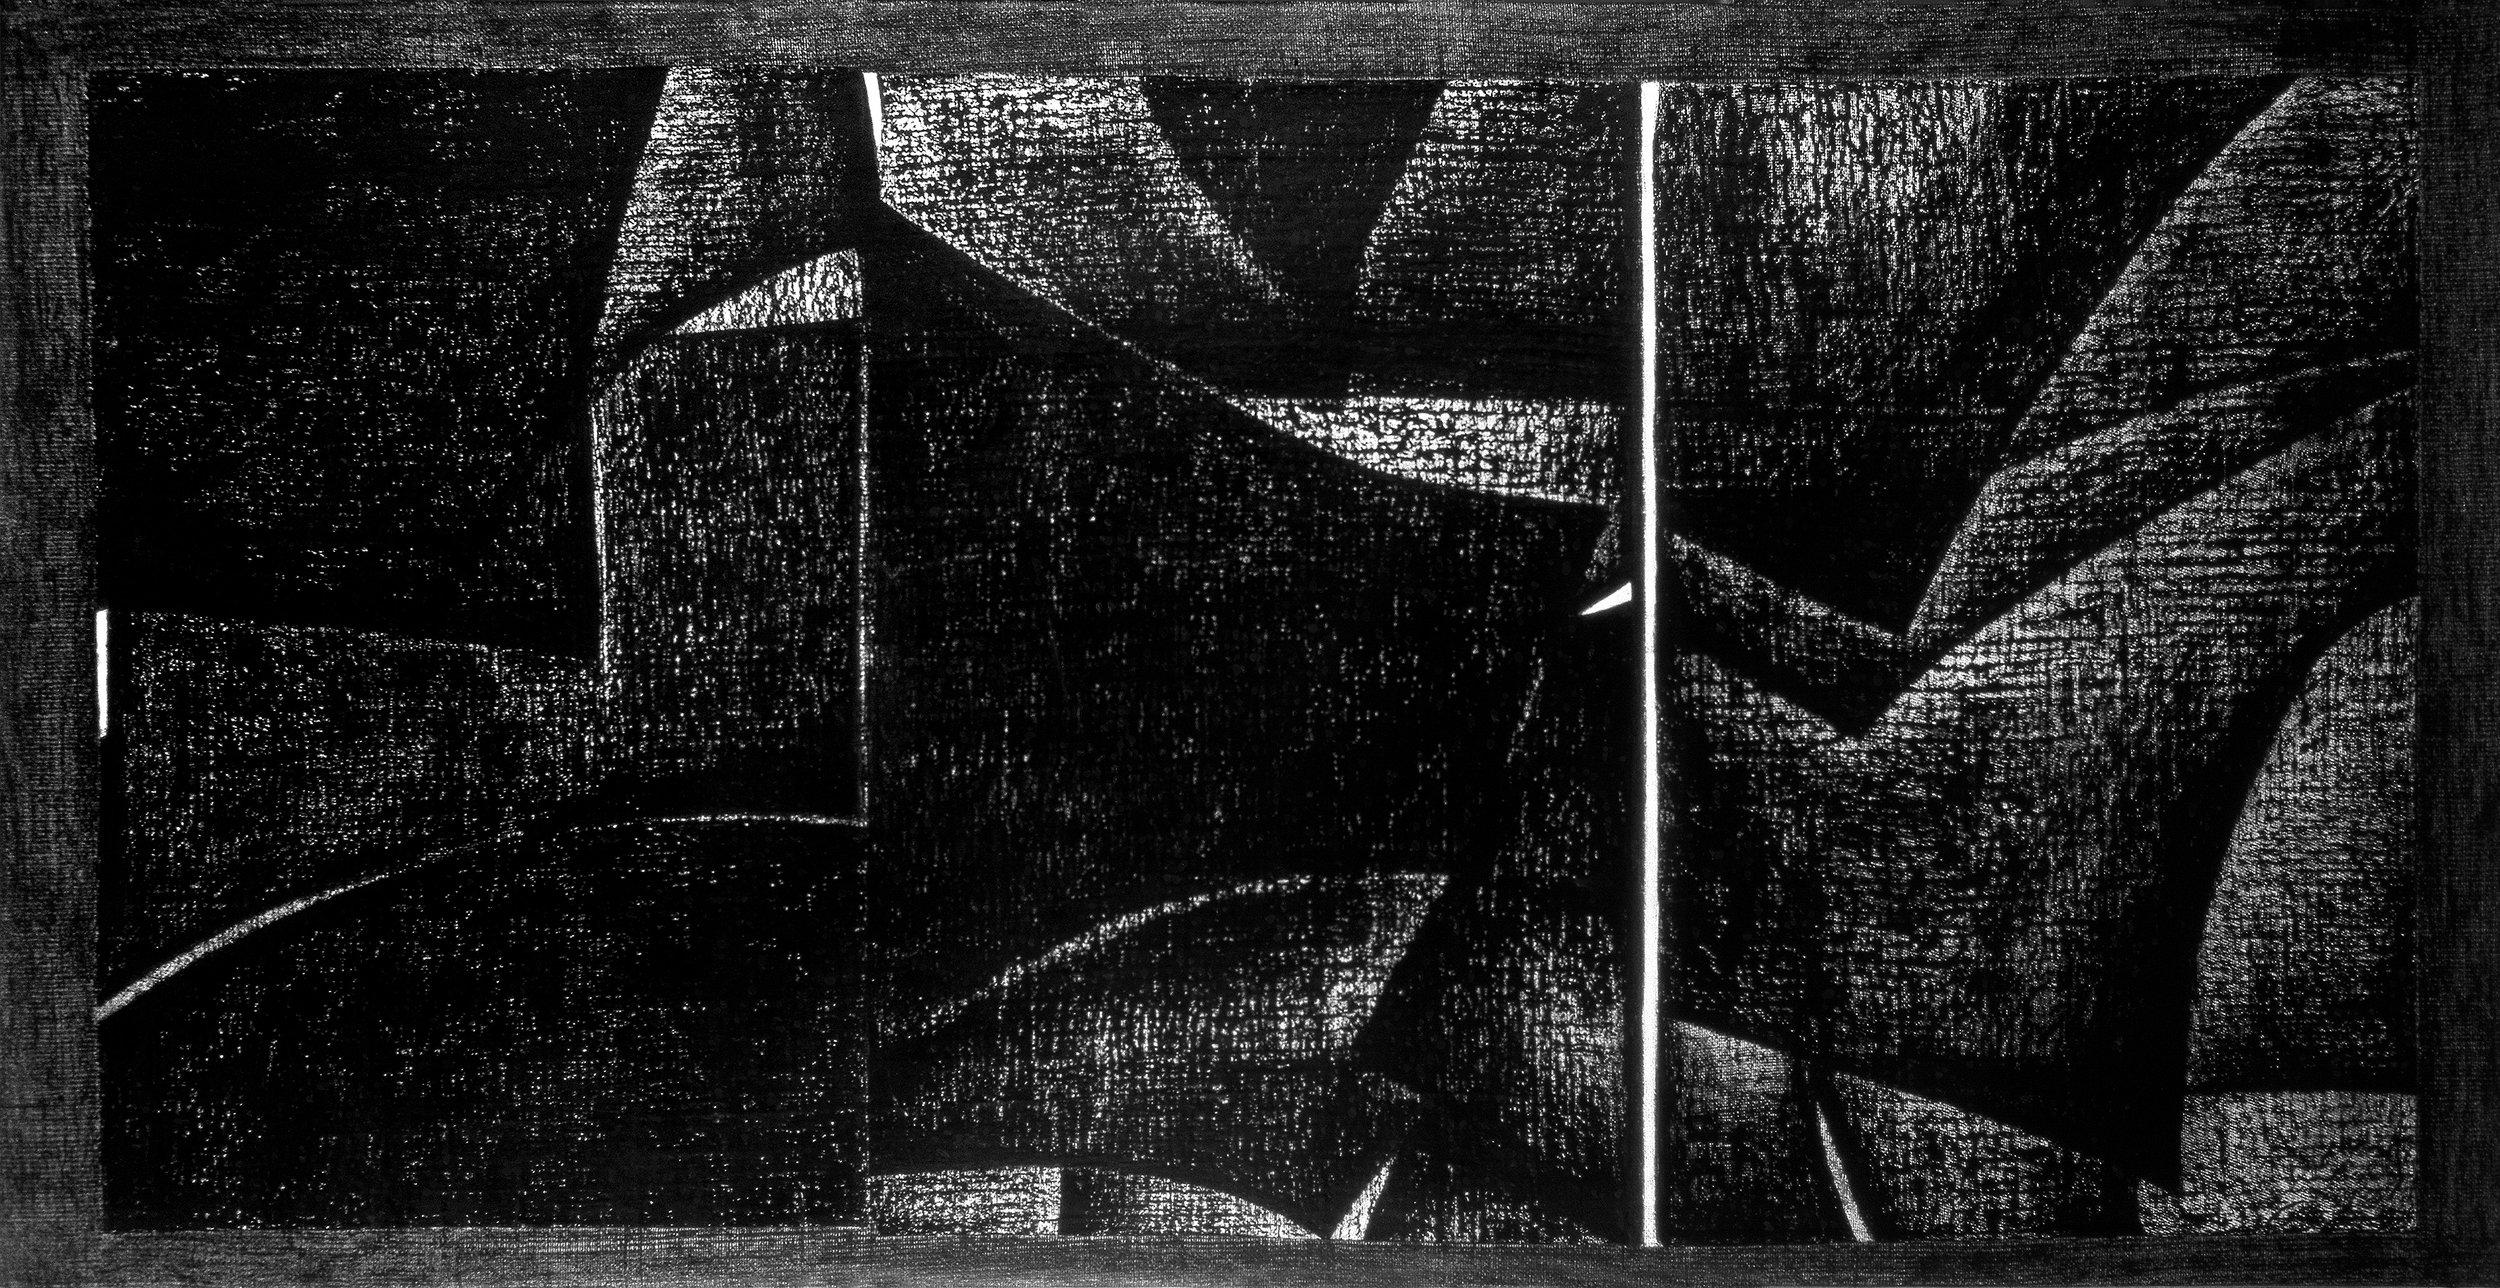 Costrutta nell'ottantasei numero sei , 1986, tecnica mista su tela e carta, 322x170 cm XI Quariennale di Roma, 1986